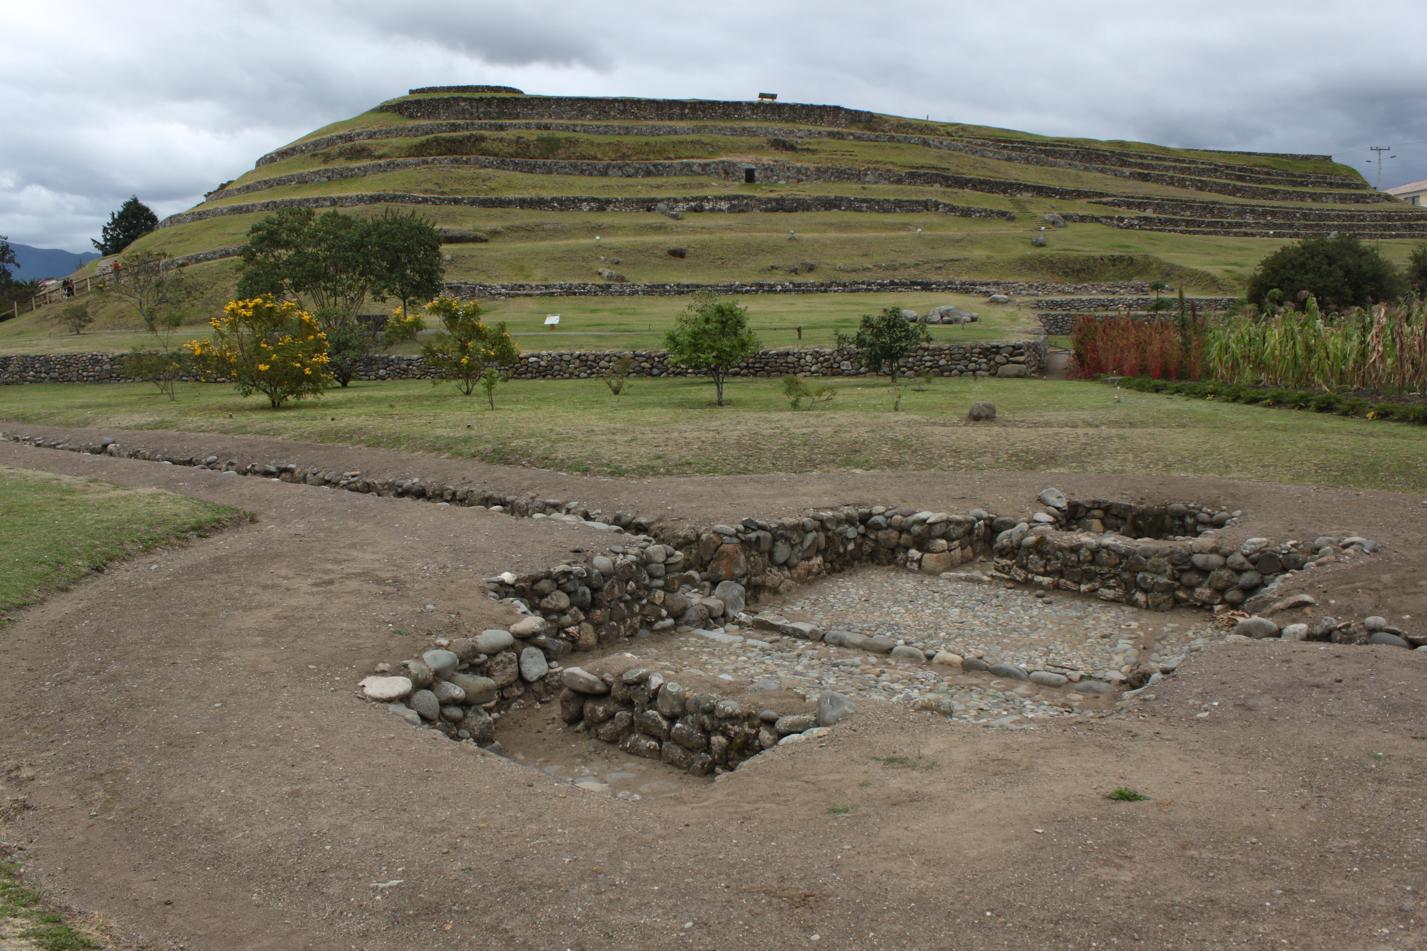 Ein Inkabad im Vordergrund der Inkaanlage Pumapungo.